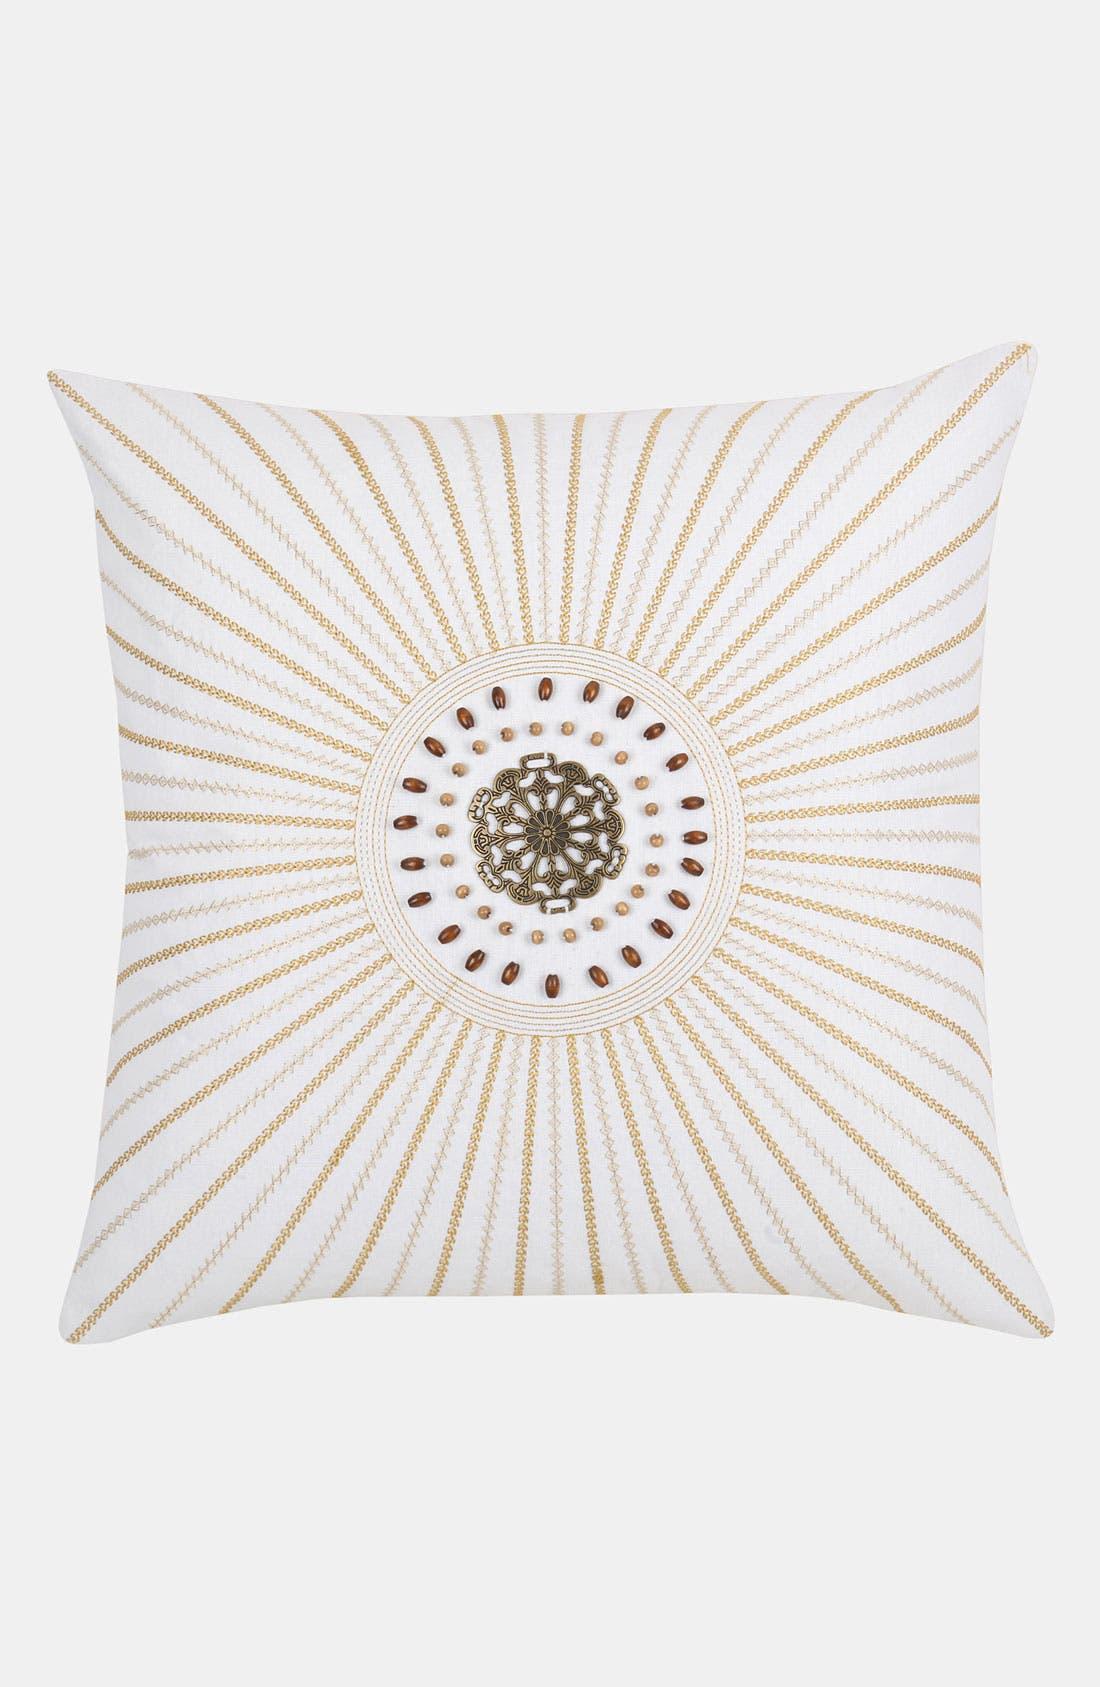 Alternate Image 1 Selected - Blissliving Home 'Sunburst' Pillow (Online Only)